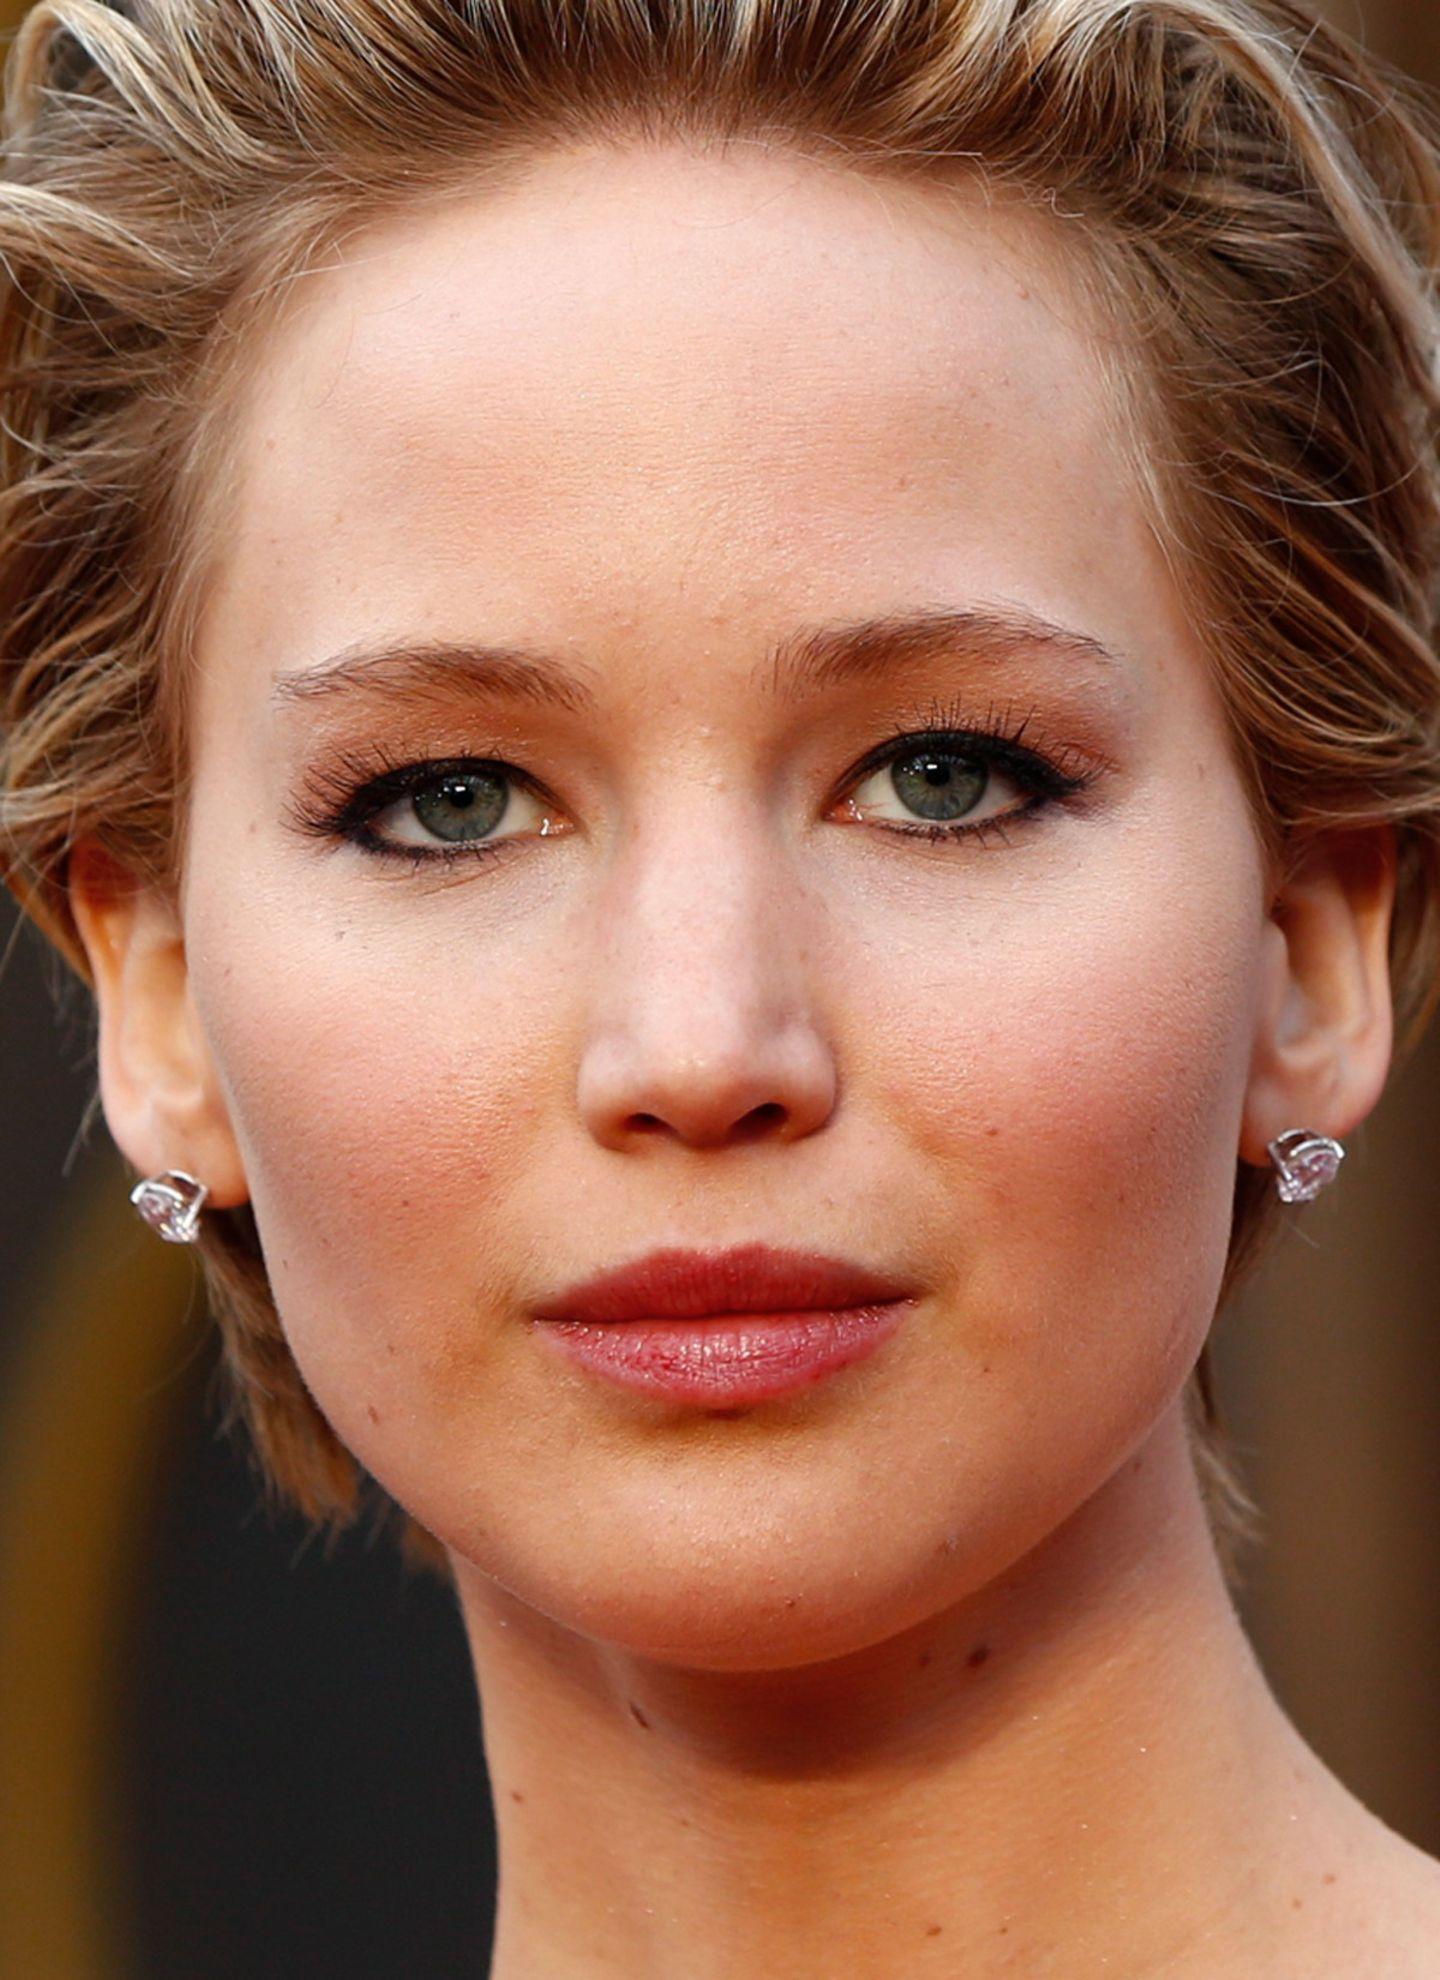 Kunstwimpern und ein sehr zurückhaltendes Make-up lenken den Blick auf Jennifers Kurzhaarfrisur, die sie toupiert und nach hinten frisiert trägt.